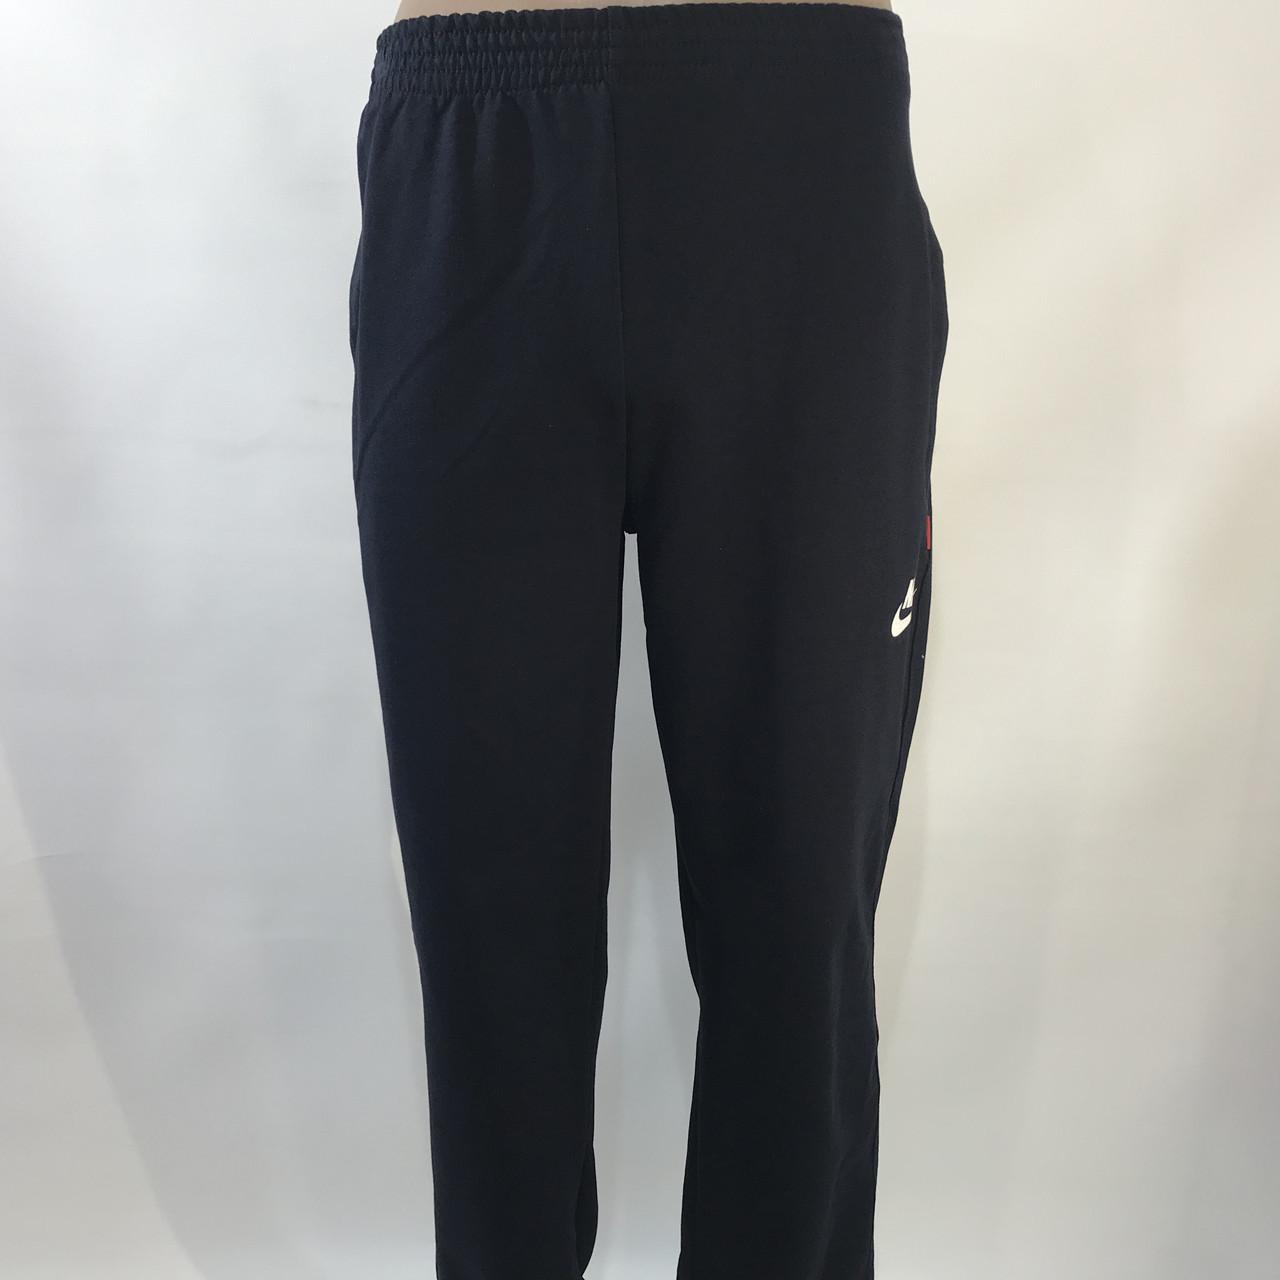 Спортивные штаны в стиле Nike под манжет темно синие 46,48,50,52,54